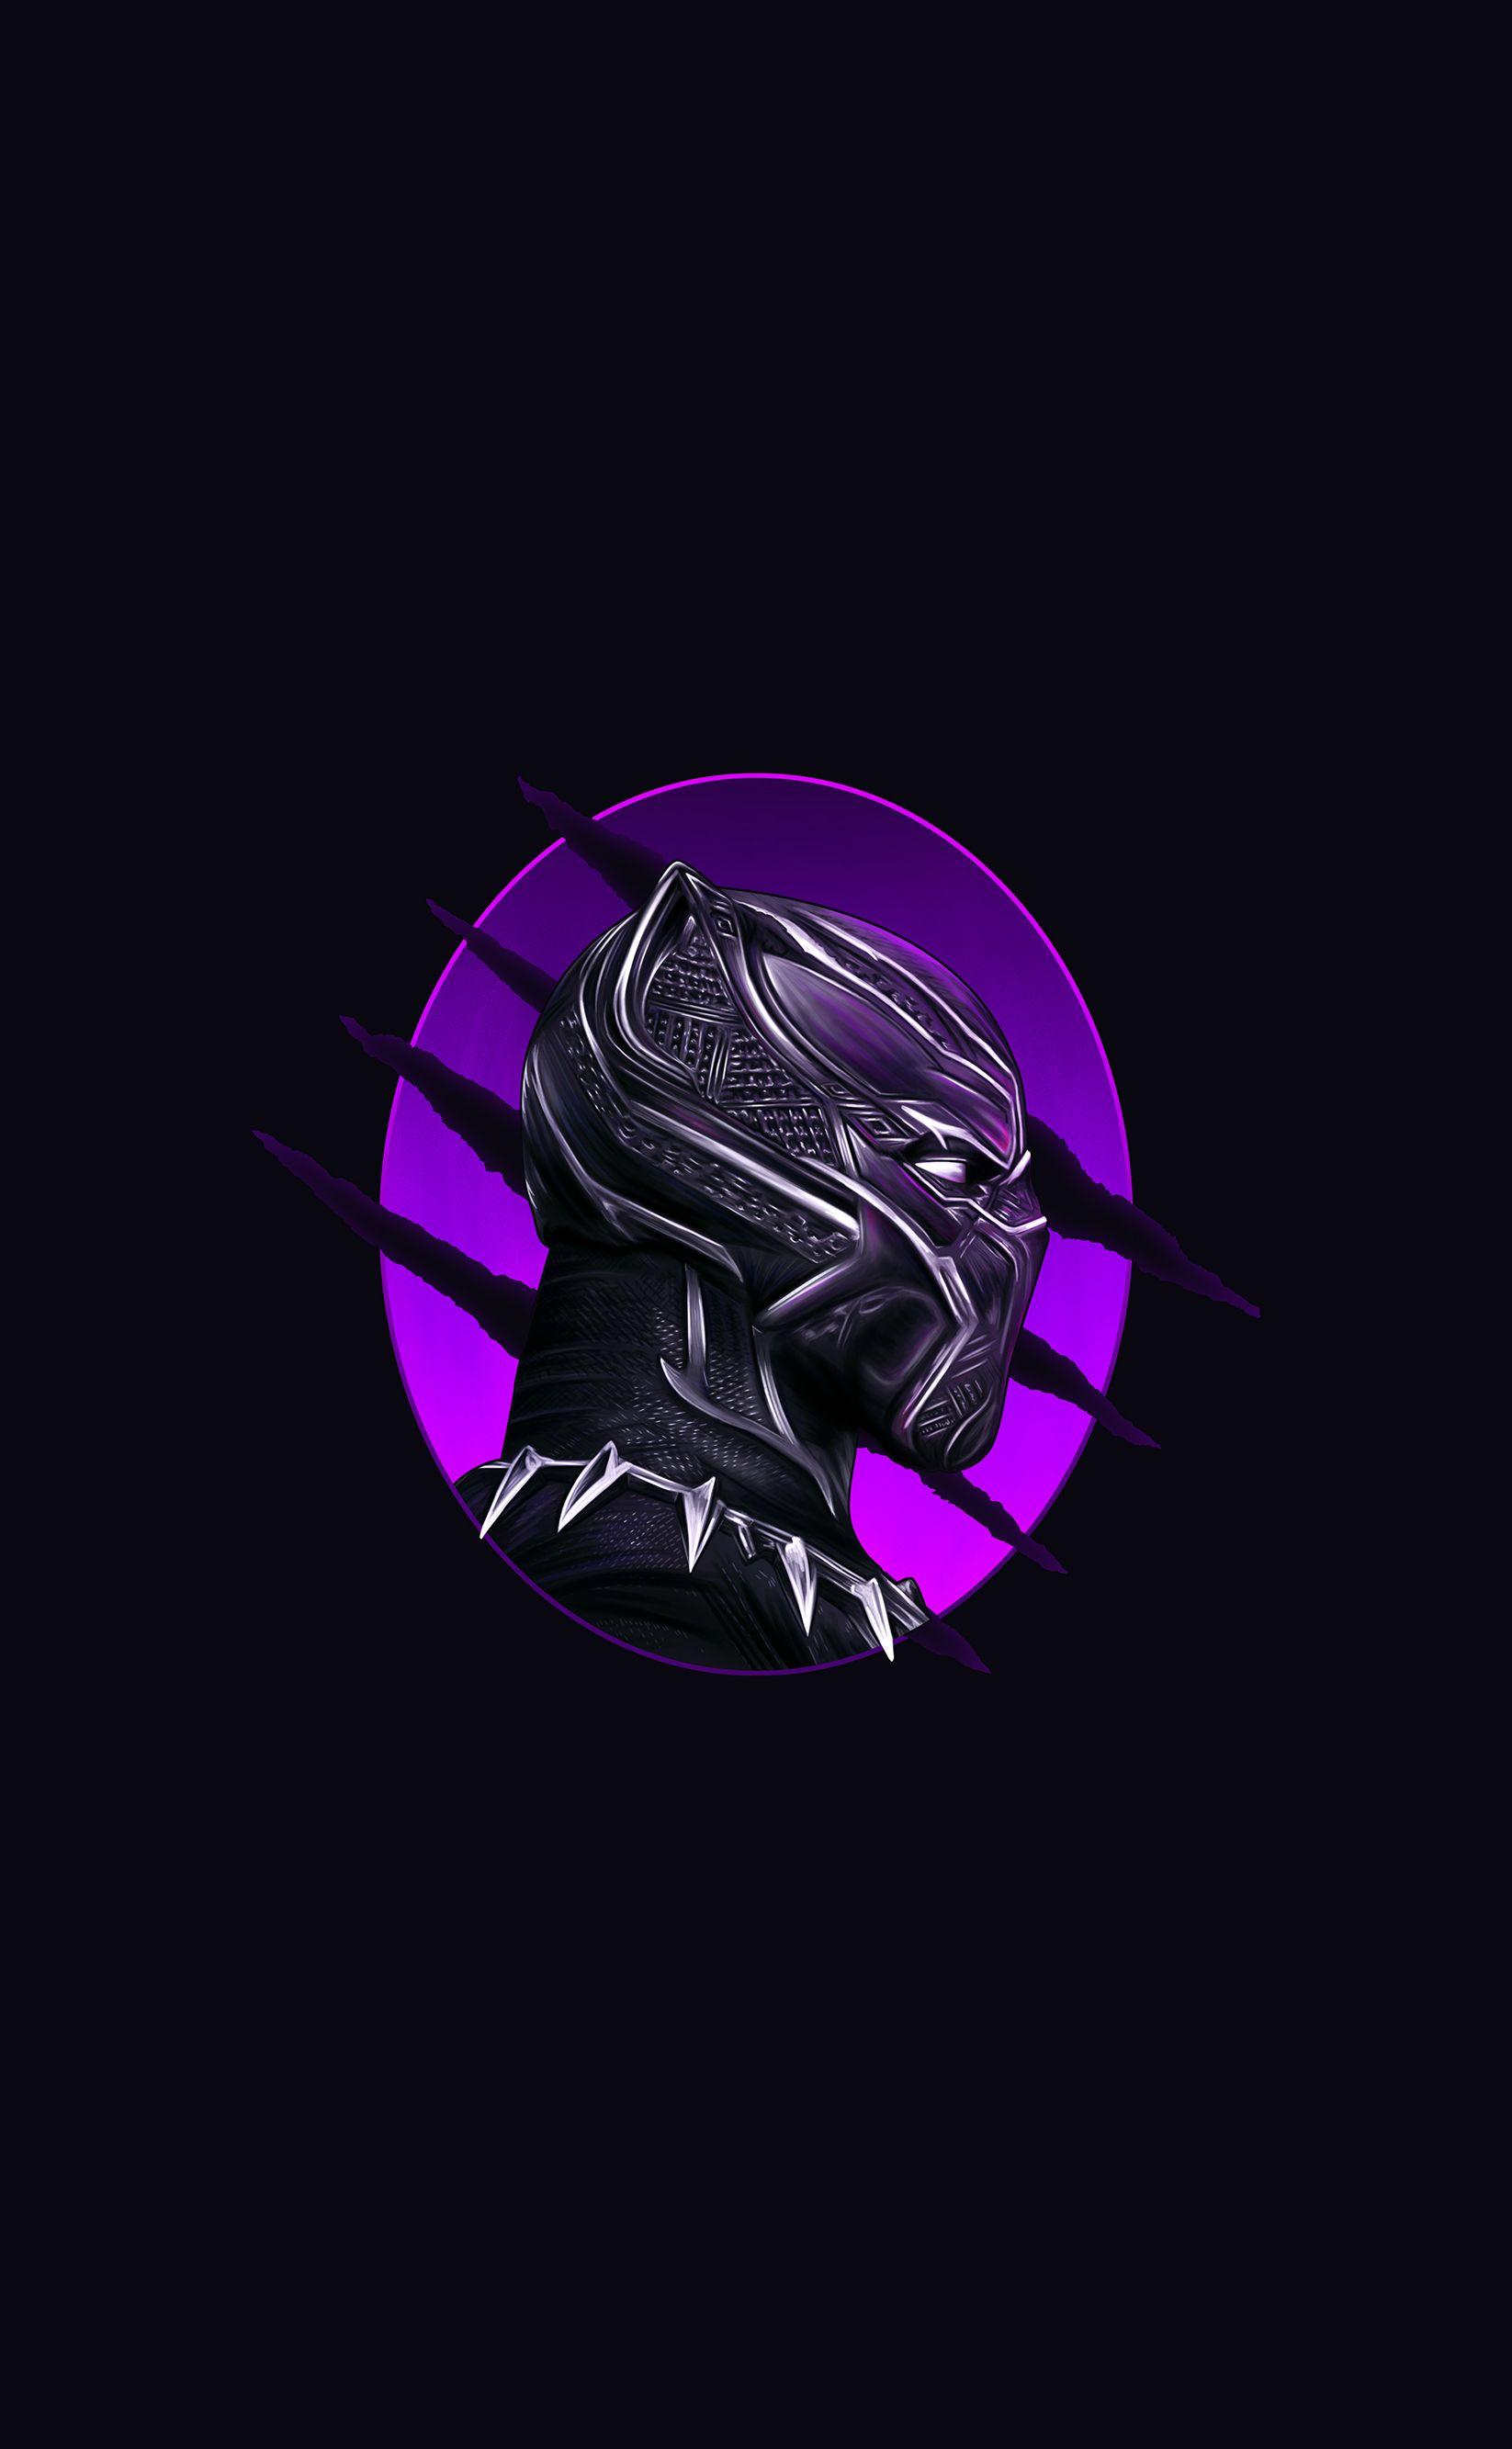 Amoled Wallpaper Black Panther Black Panther Panther Wallpaper